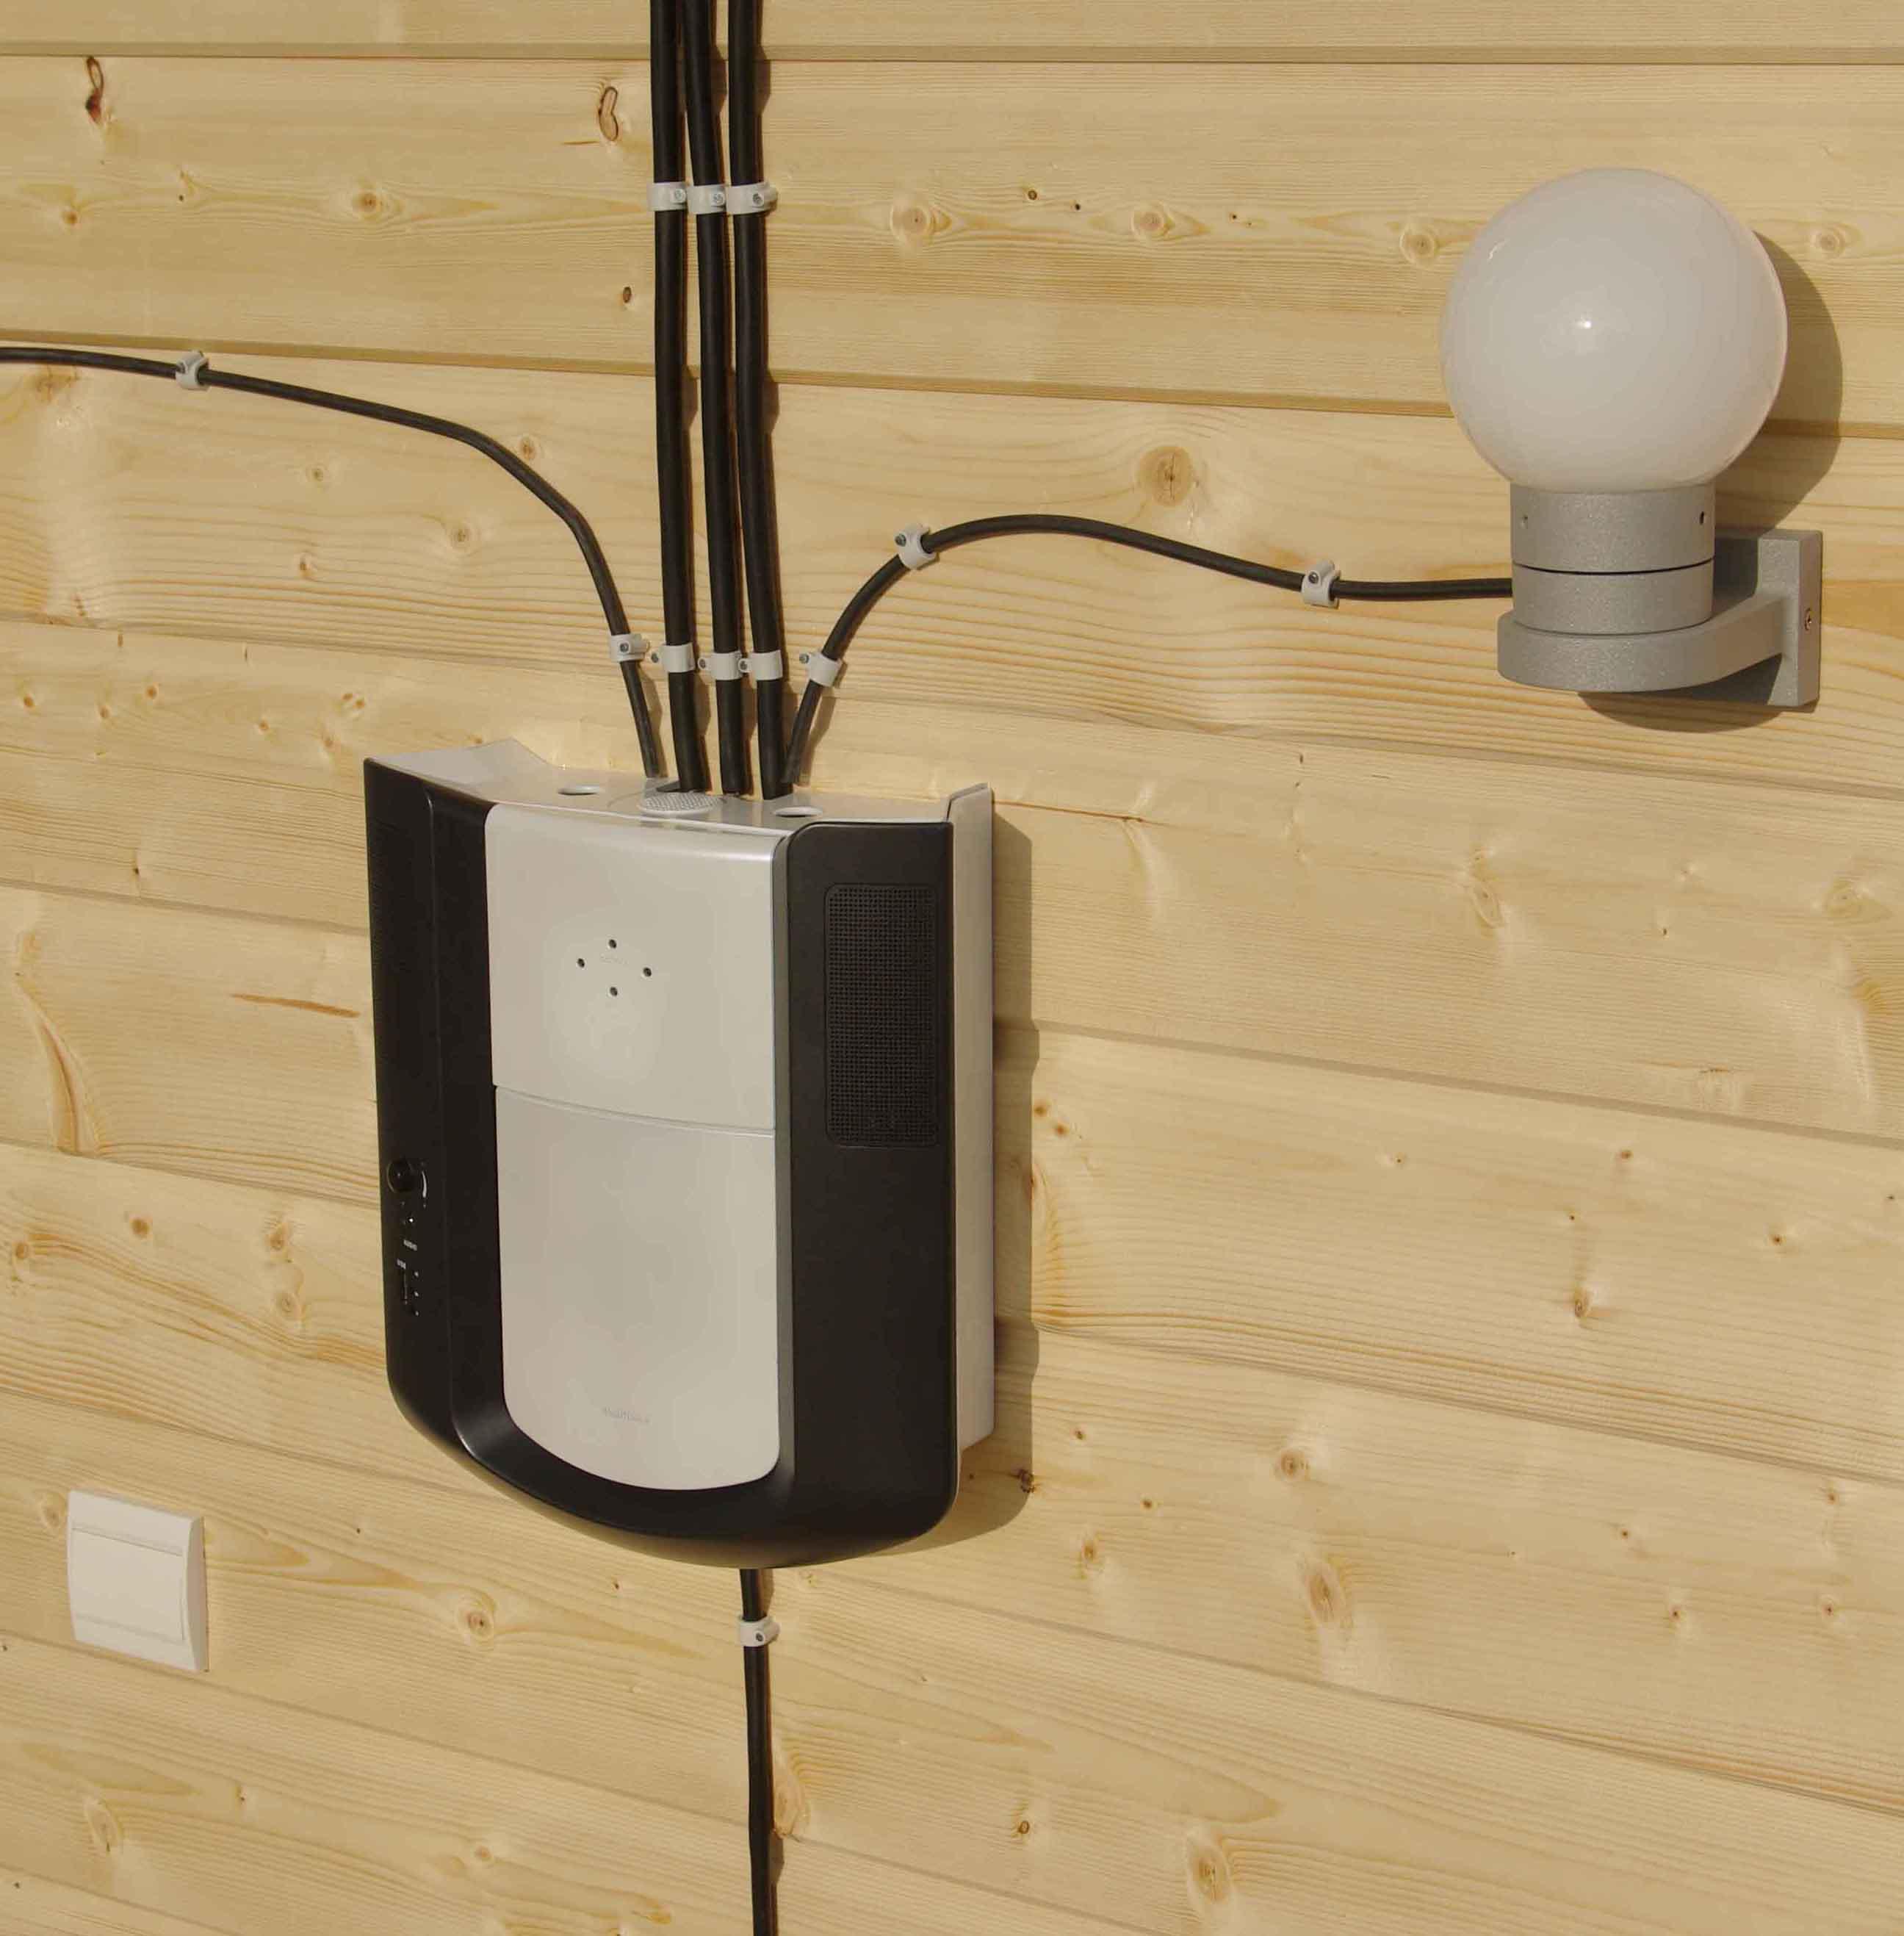 kit solaire site isol 120 watts watt et home sur le site internet objetsolaire. Black Bedroom Furniture Sets. Home Design Ideas